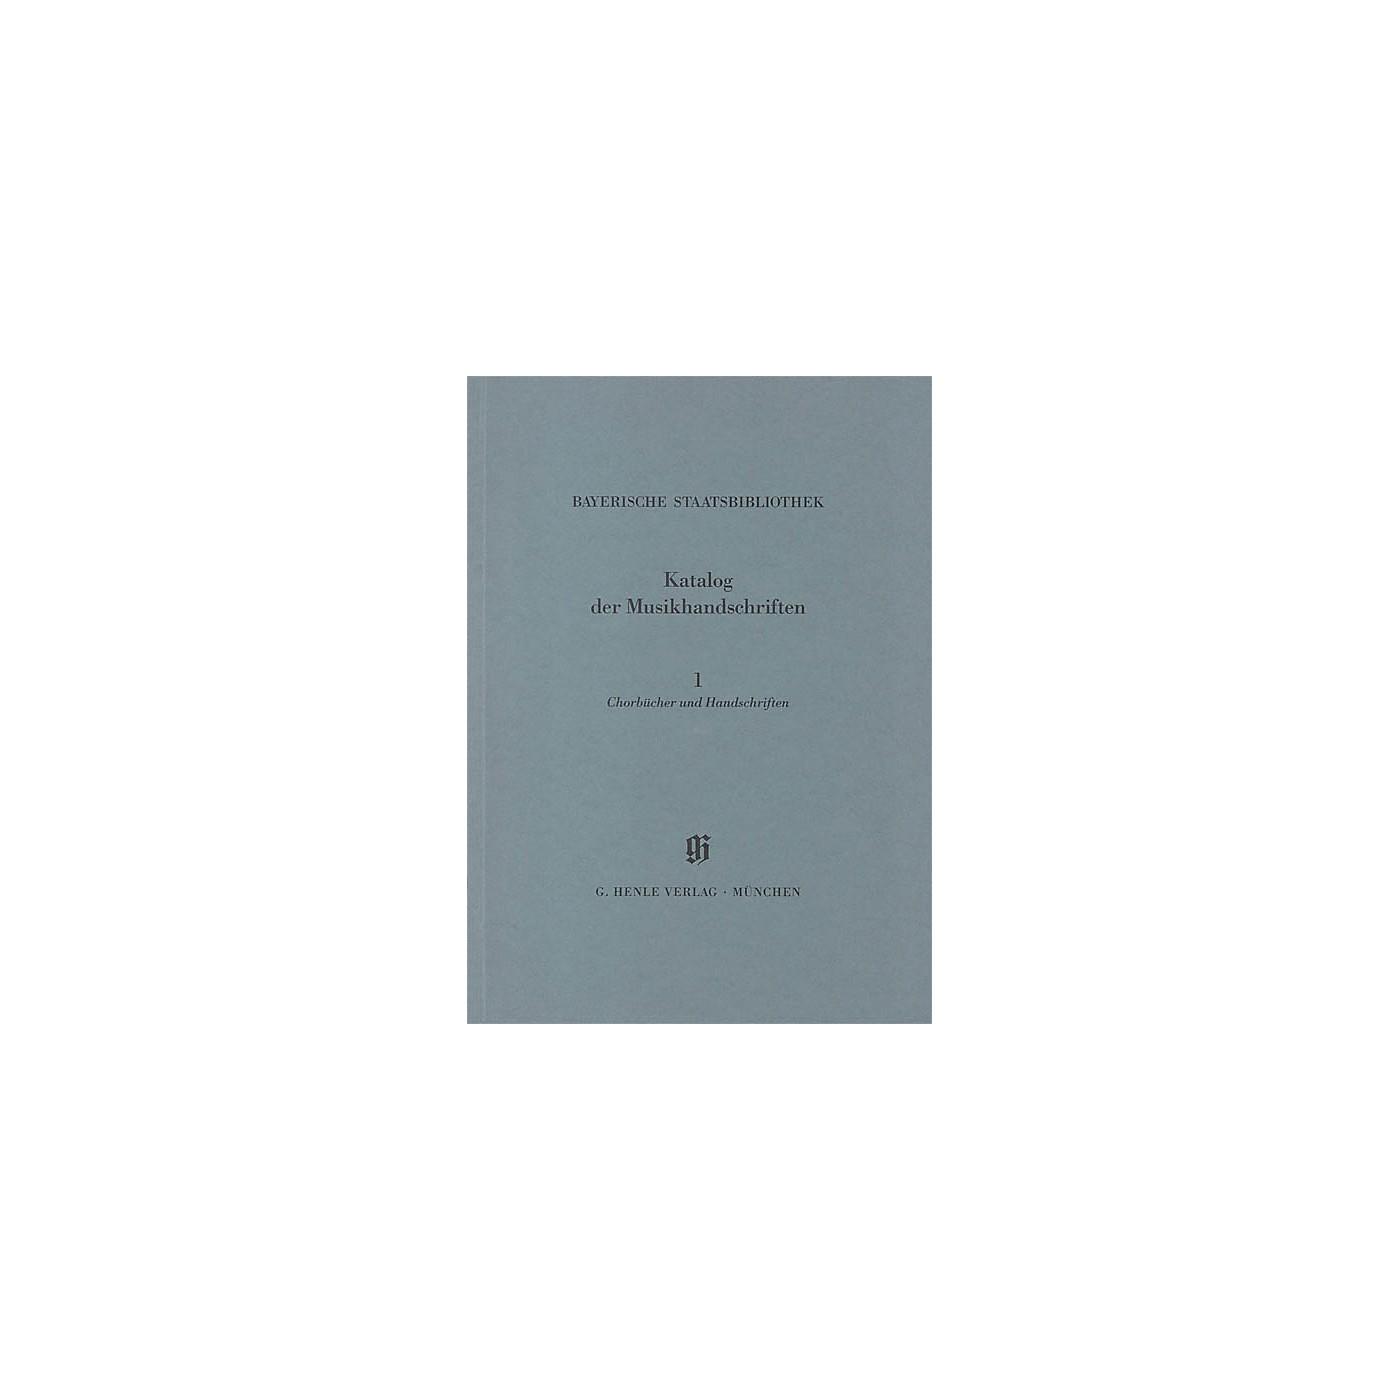 G. Henle Verlag Chorbücher und Handschriften in chorbuchartiger Notierung Henle Books Series Softcover thumbnail